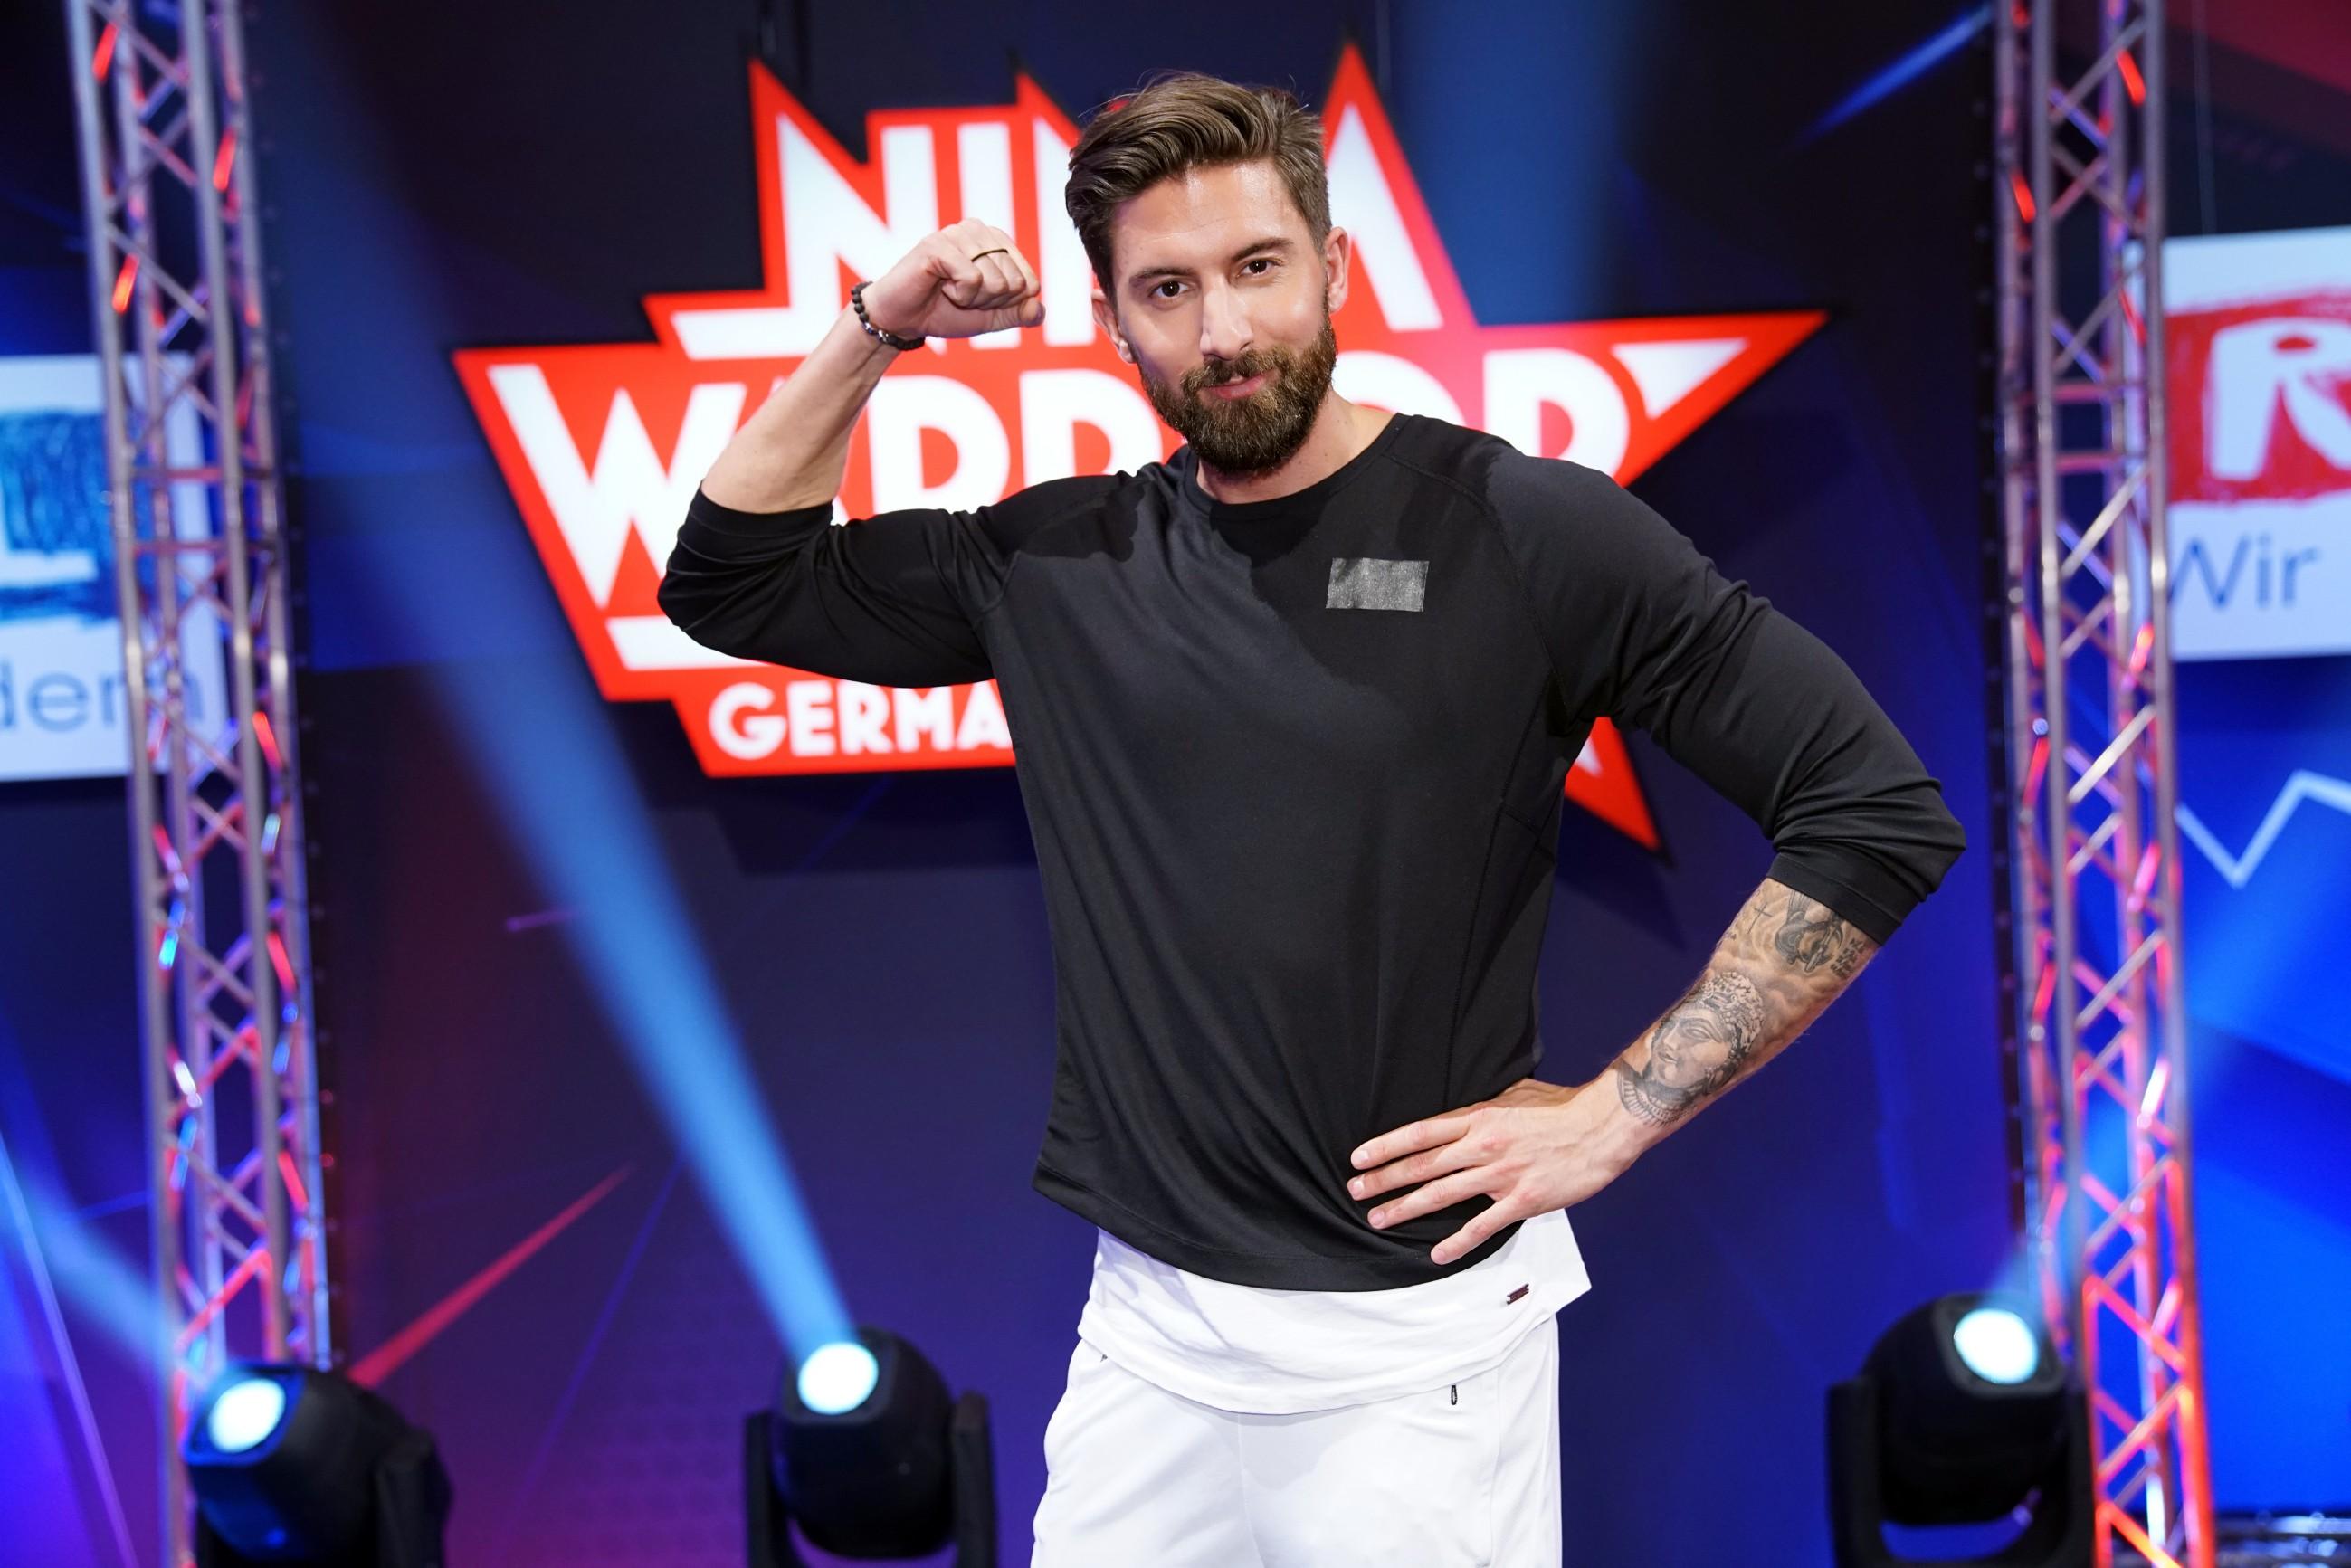 Promi Ninja Warrior 2019